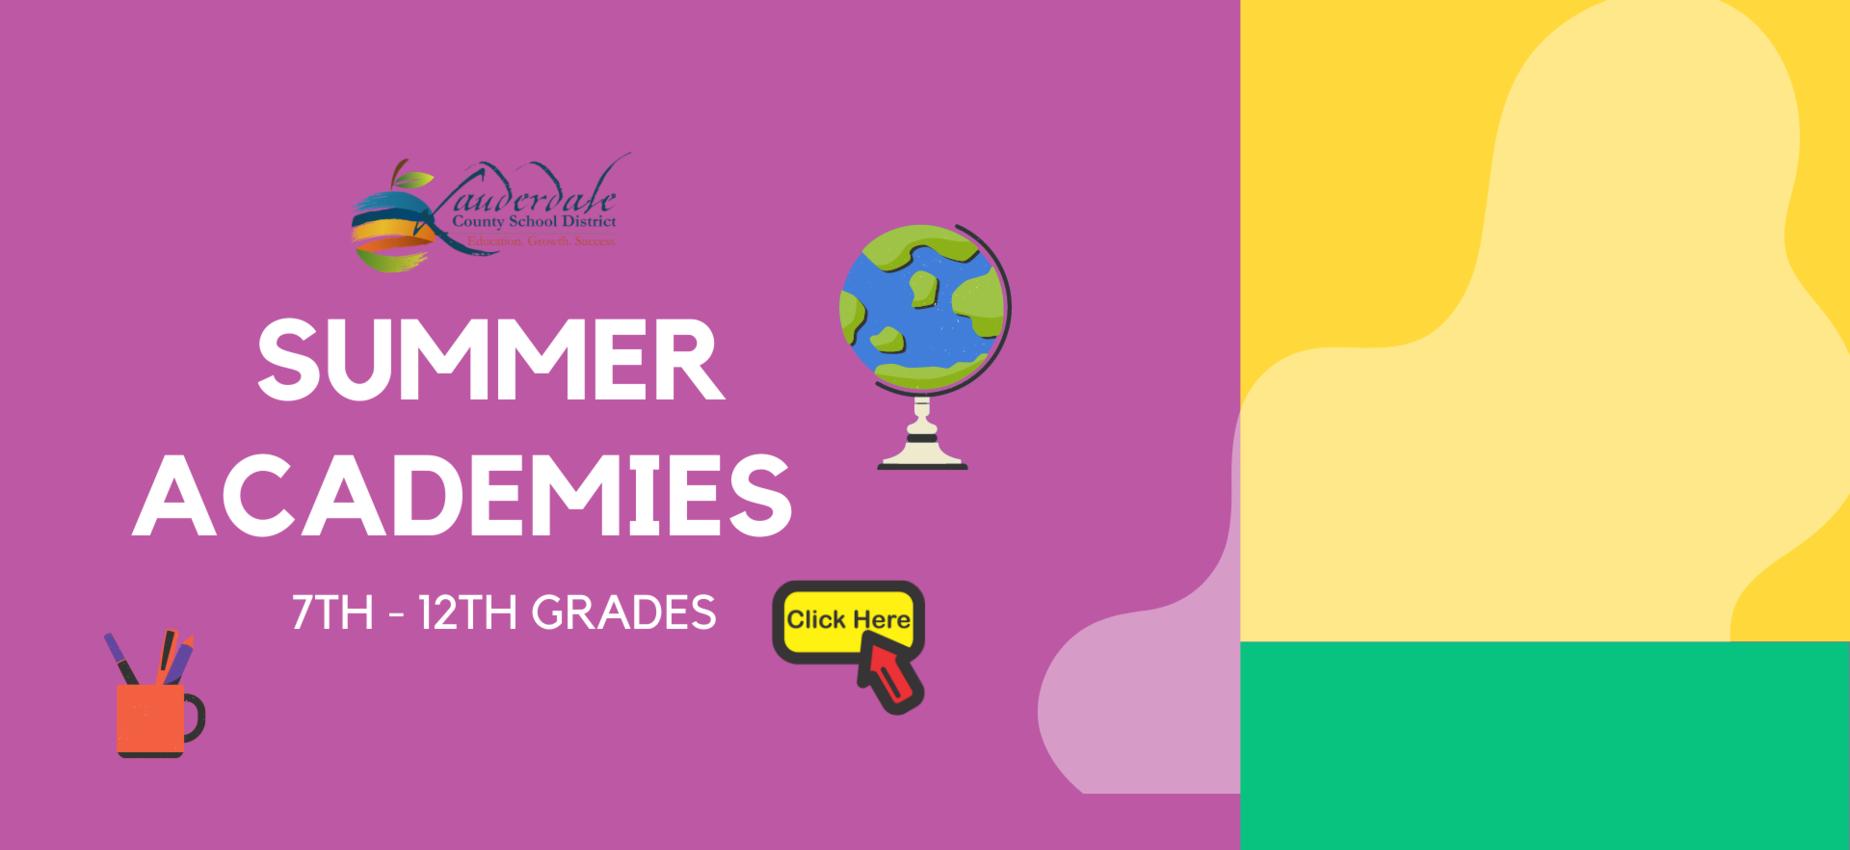 LCSD Summer Academies 7th -12th Grades